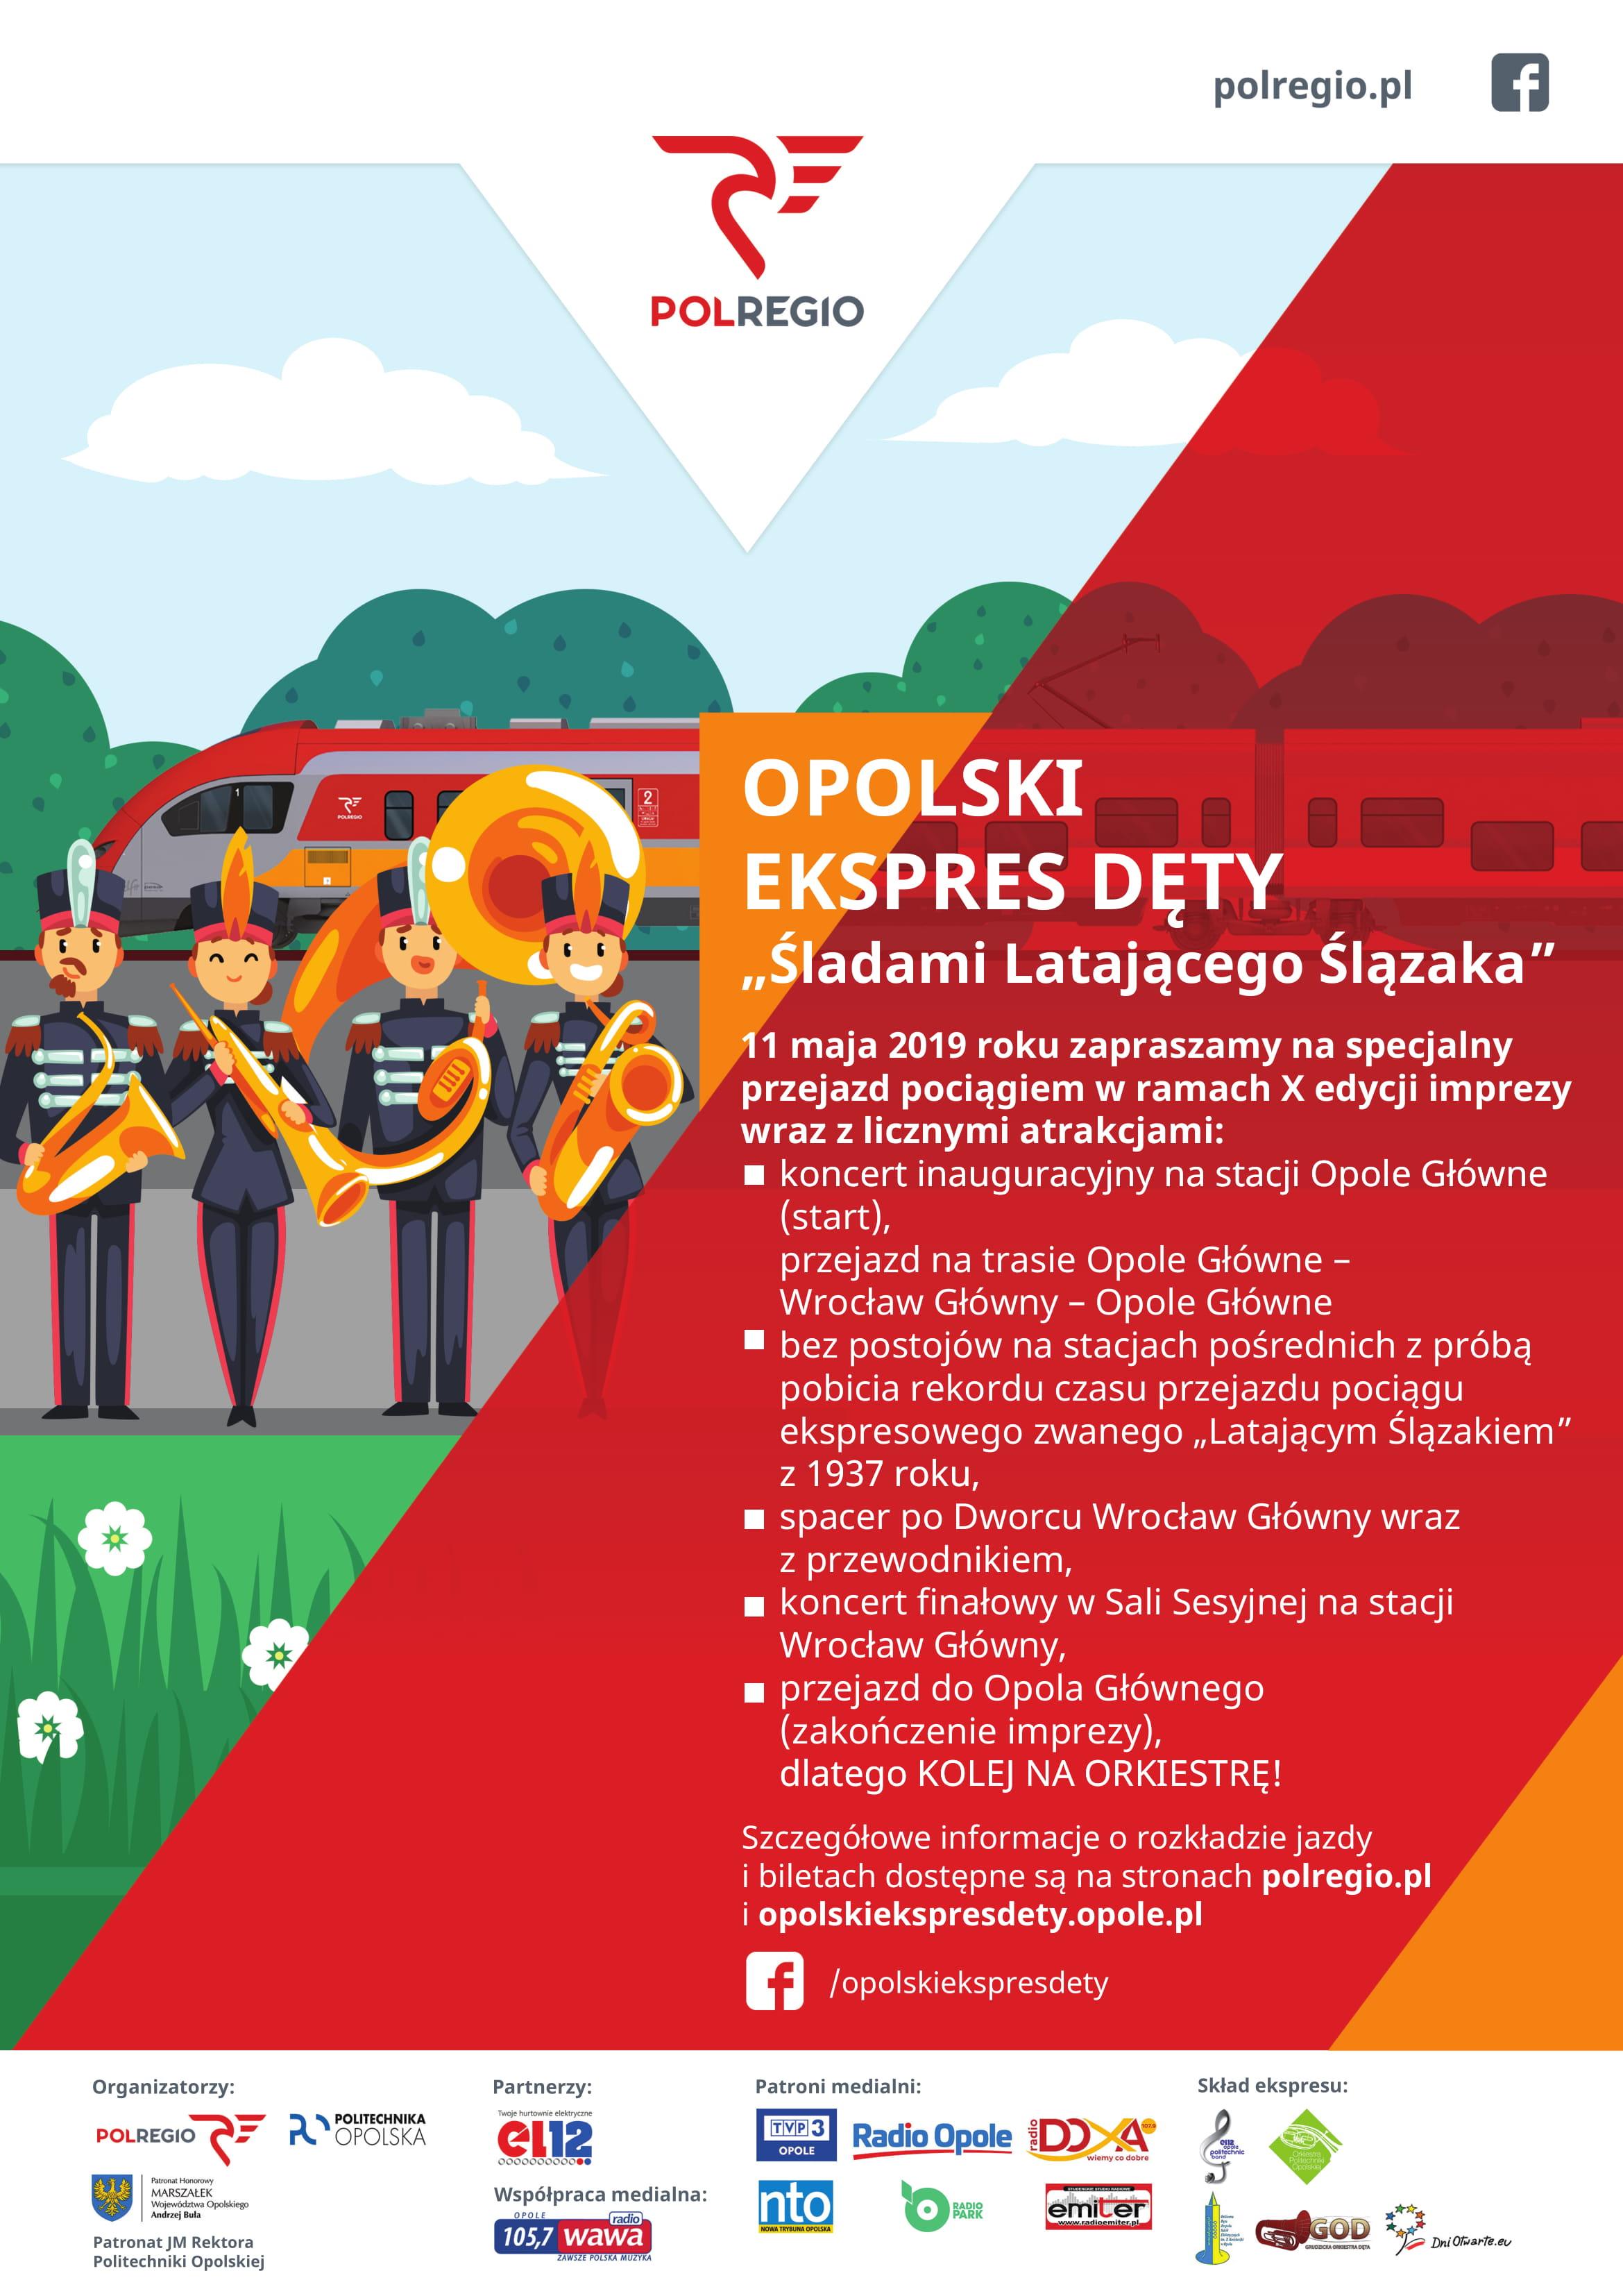 plakat_opolski_ekspres_dety_2019-11